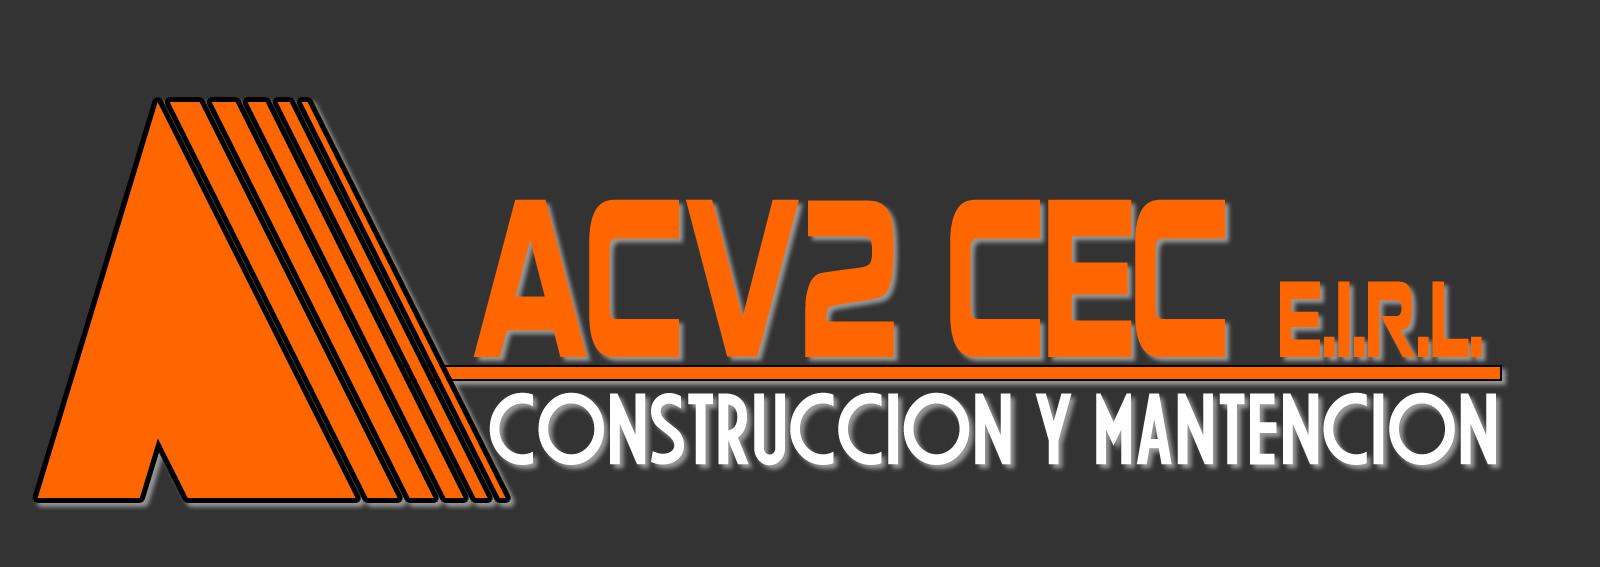 Acv2 Cec E.i.r.l.